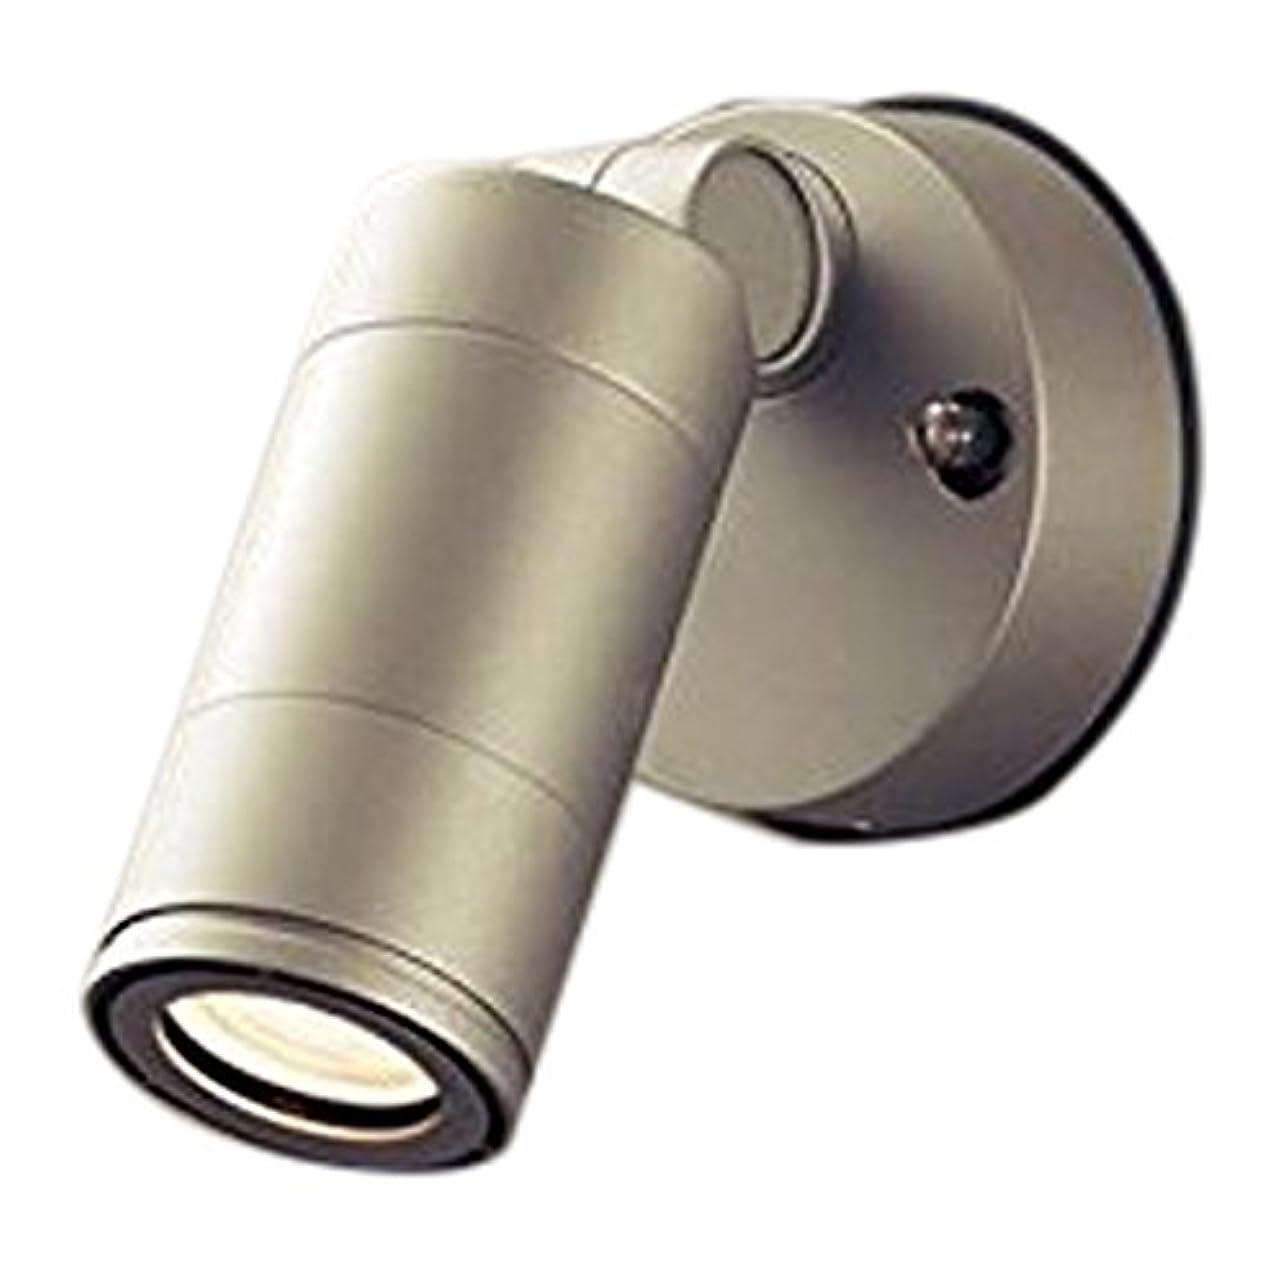 宇宙飛行士ブースト熱意パナソニック(Panasonic) LEDスポットライト60形集光電球色LGW40142LE1